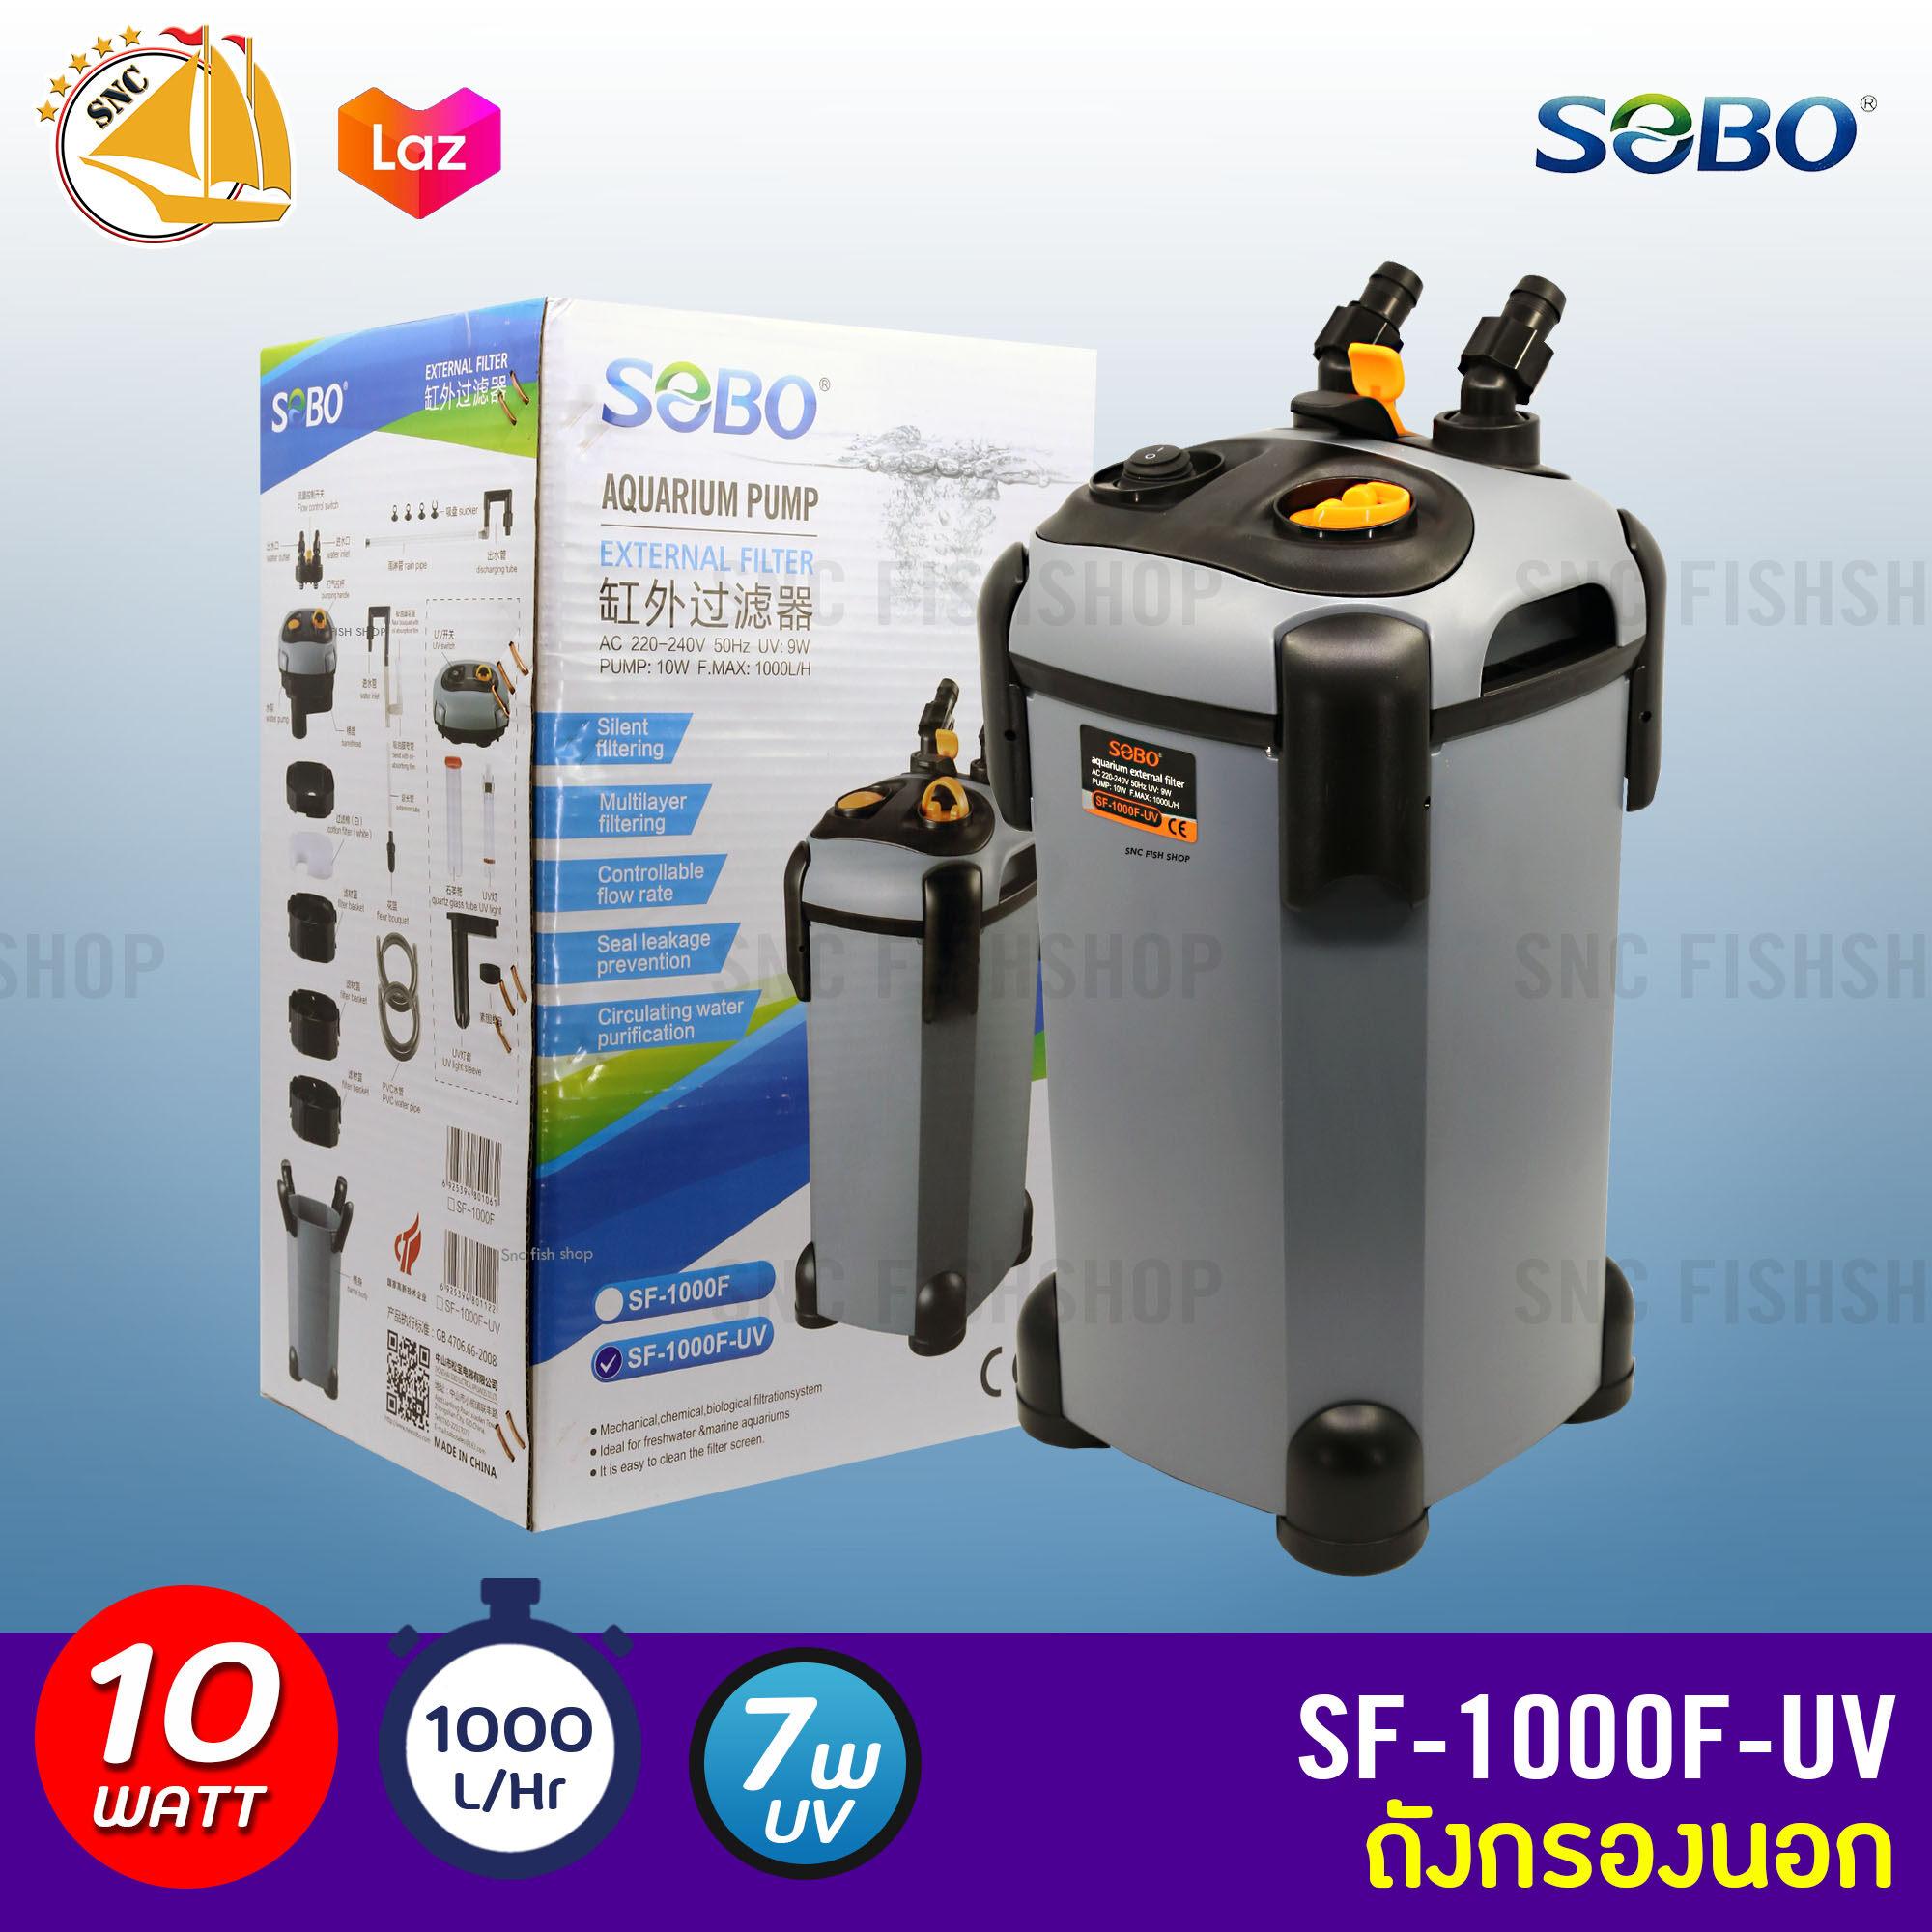 Sobo Sf-1000f-Uv กรองนอกตู้ปลาพร้อมยูวี 10w F.max : 1000 L/h ยูวี 7 วัตต์ สำหรับตู้ 30-36 นิ้ว.